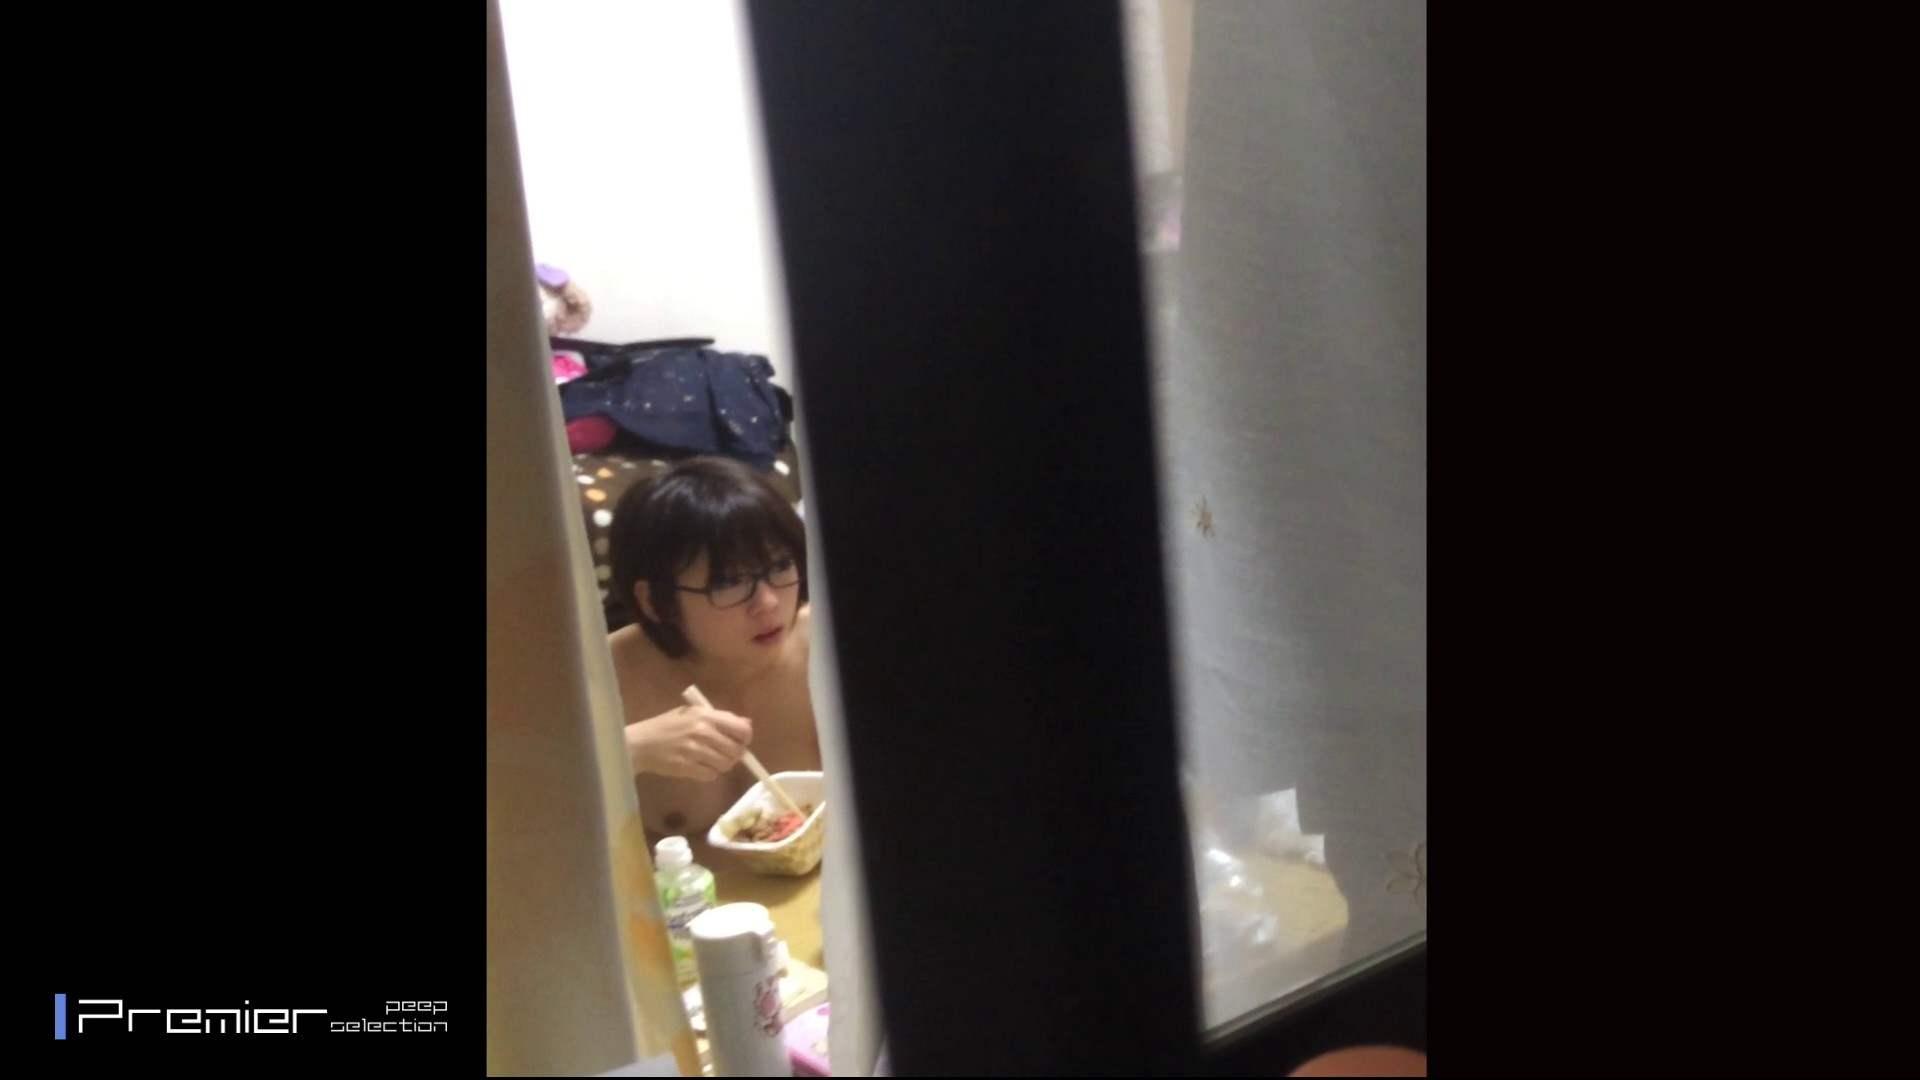 眼鏡美女の食事を隠し撮り 乙女の風呂場 Vol.05 美女達のヌード | 入浴シーン  95連発 71